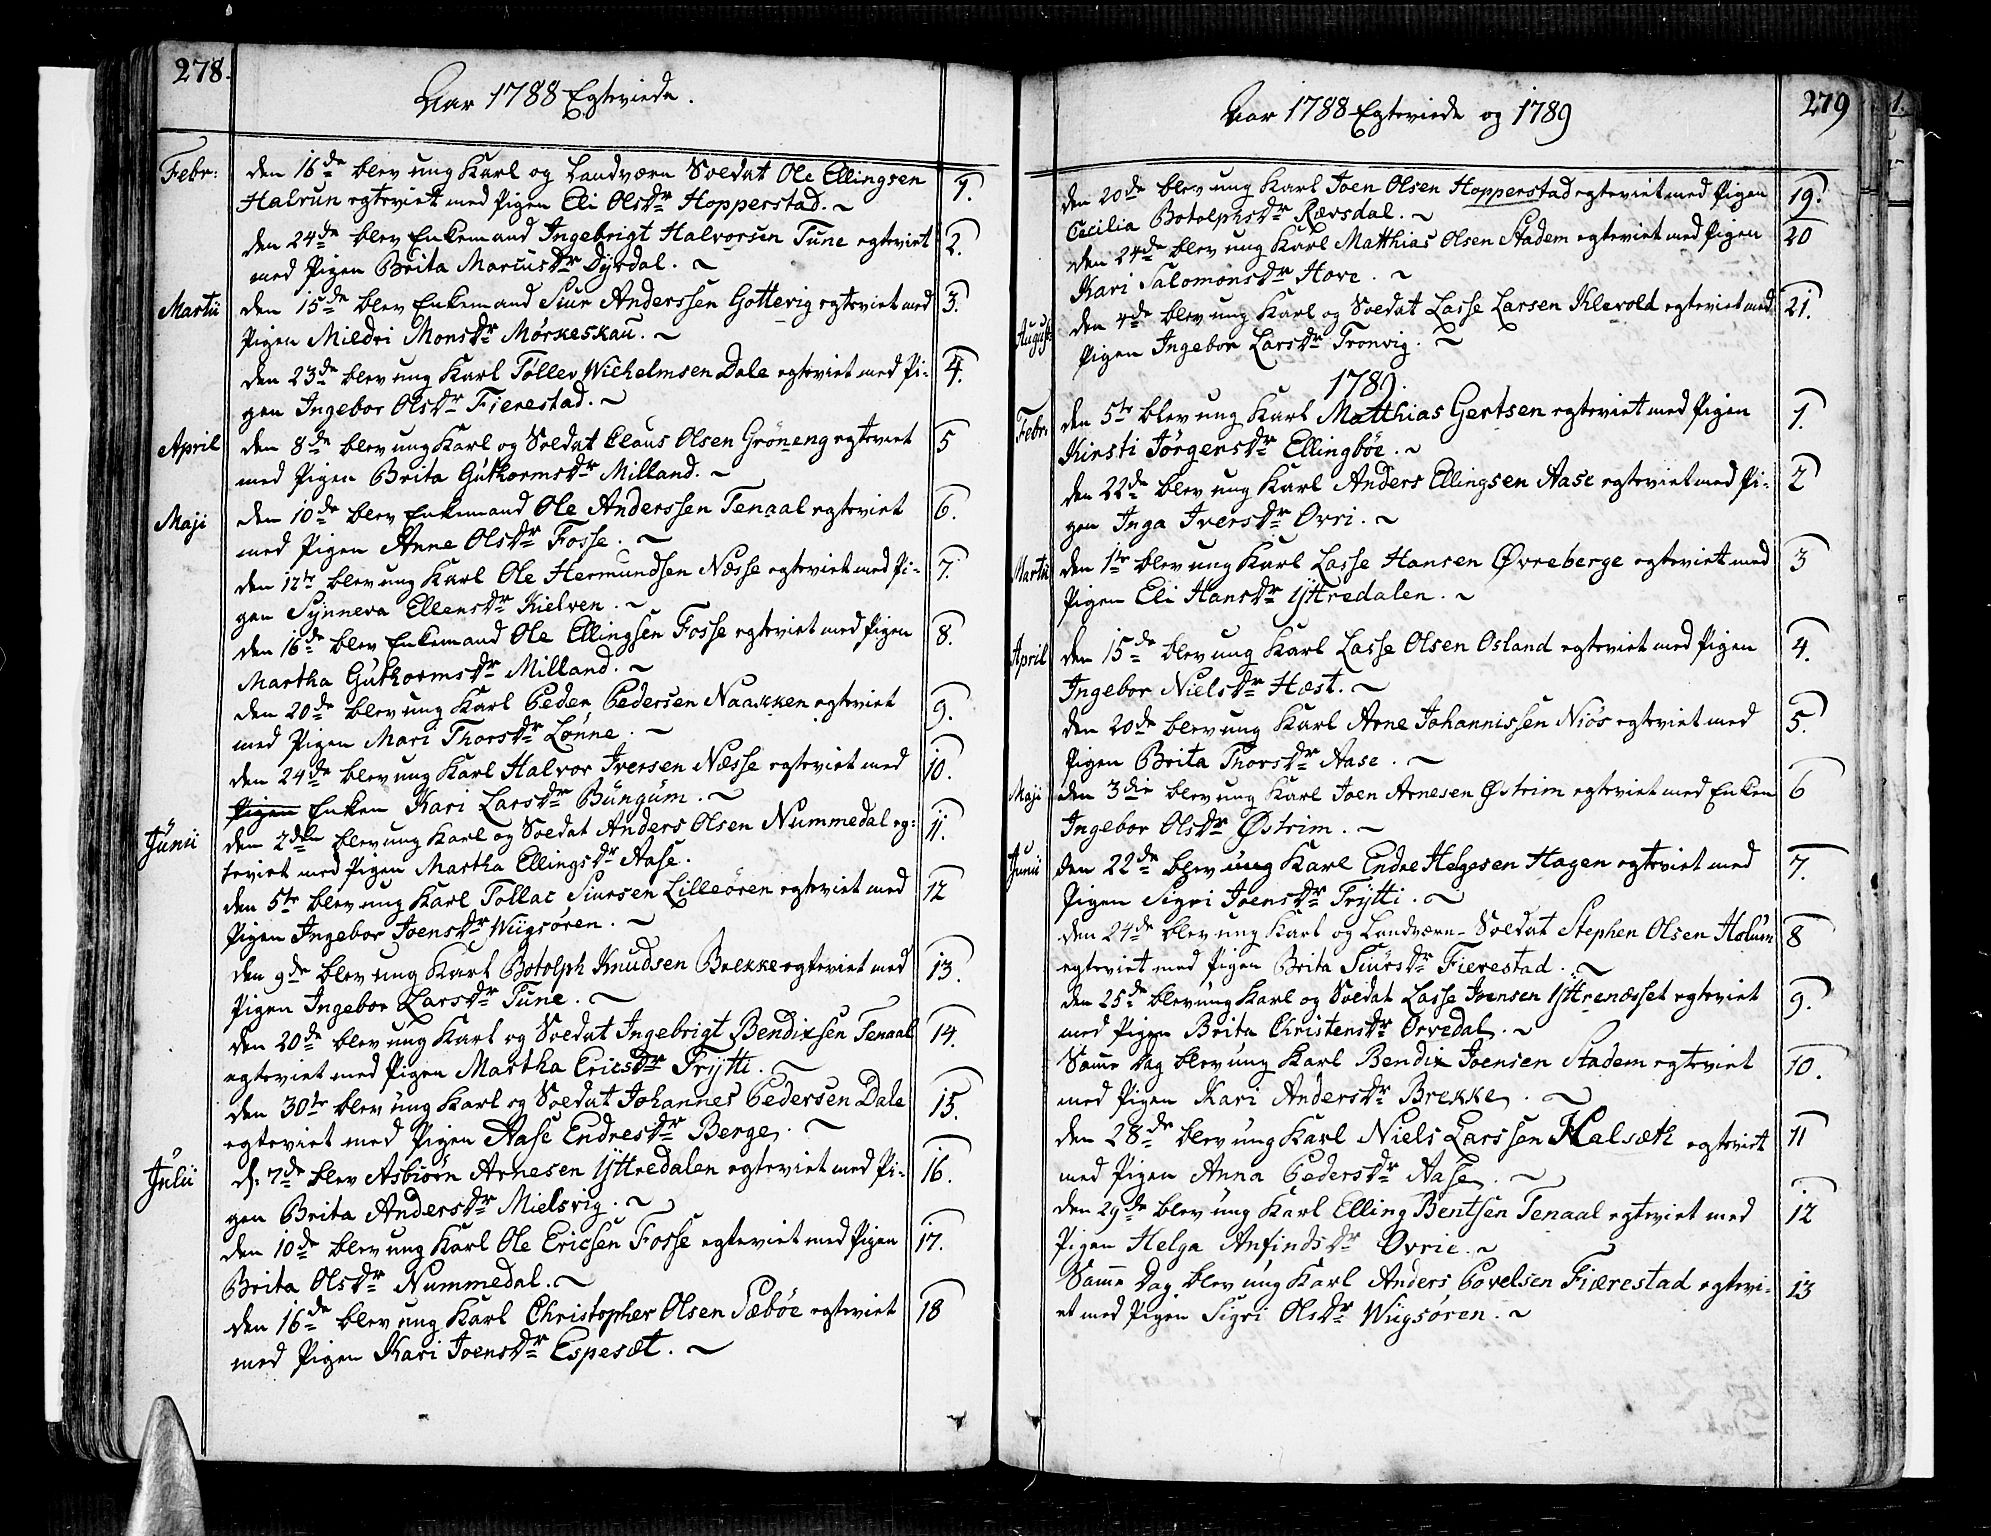 SAB, Vik Sokneprestembete, Ministerialbok nr. A 5, 1787-1820, s. 278-279